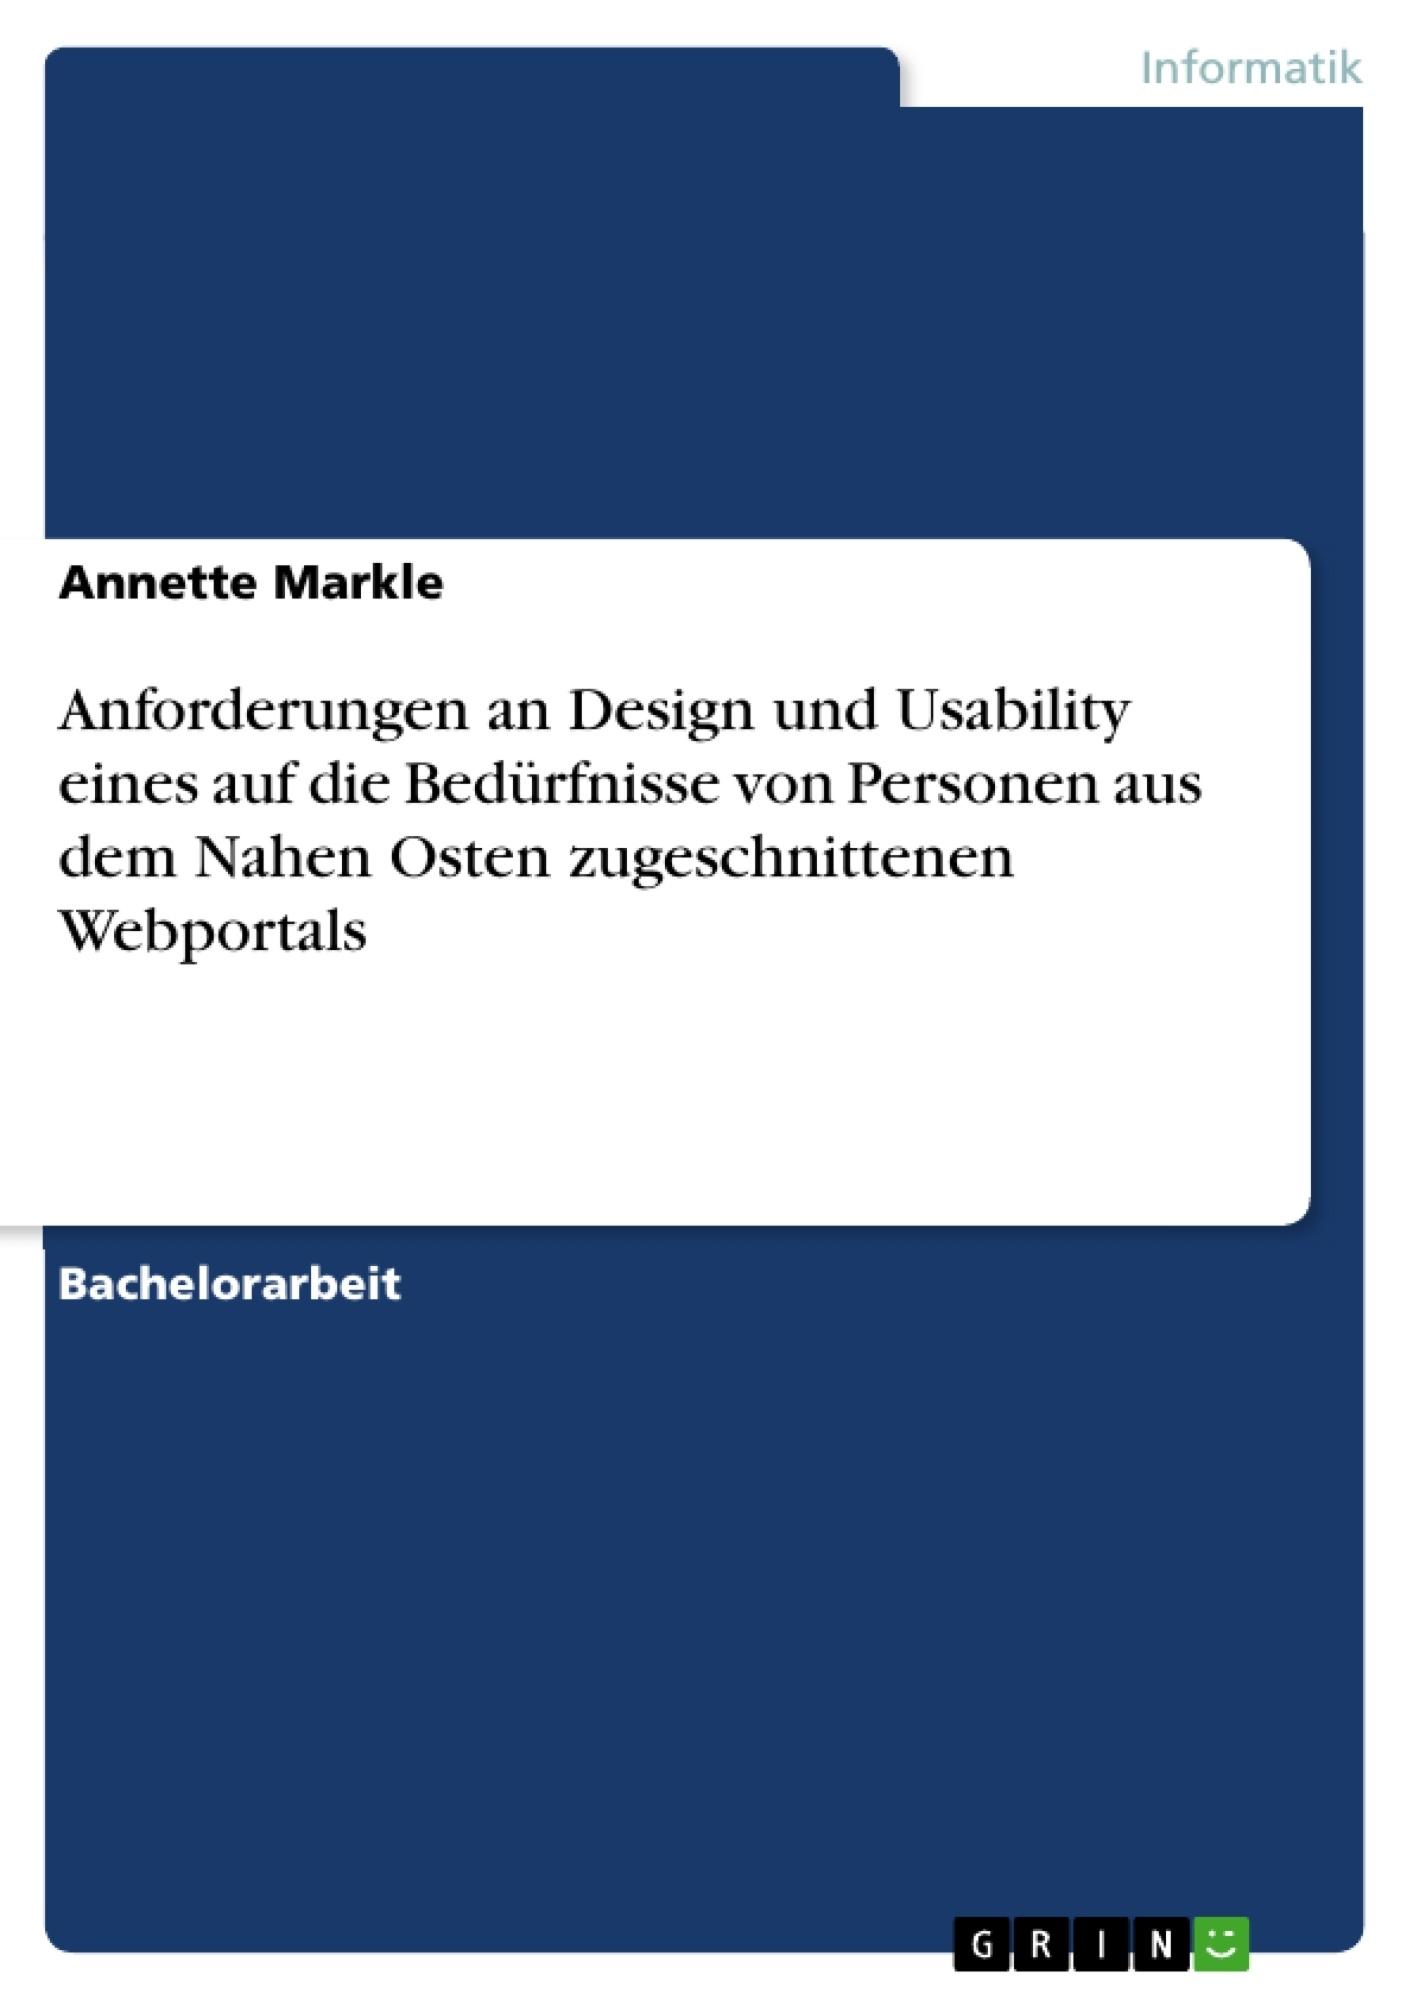 Titel: Anforderungen an Design und Usability eines auf die Bedürfnisse von Personen aus dem Nahen Osten zugeschnittenen Webportals